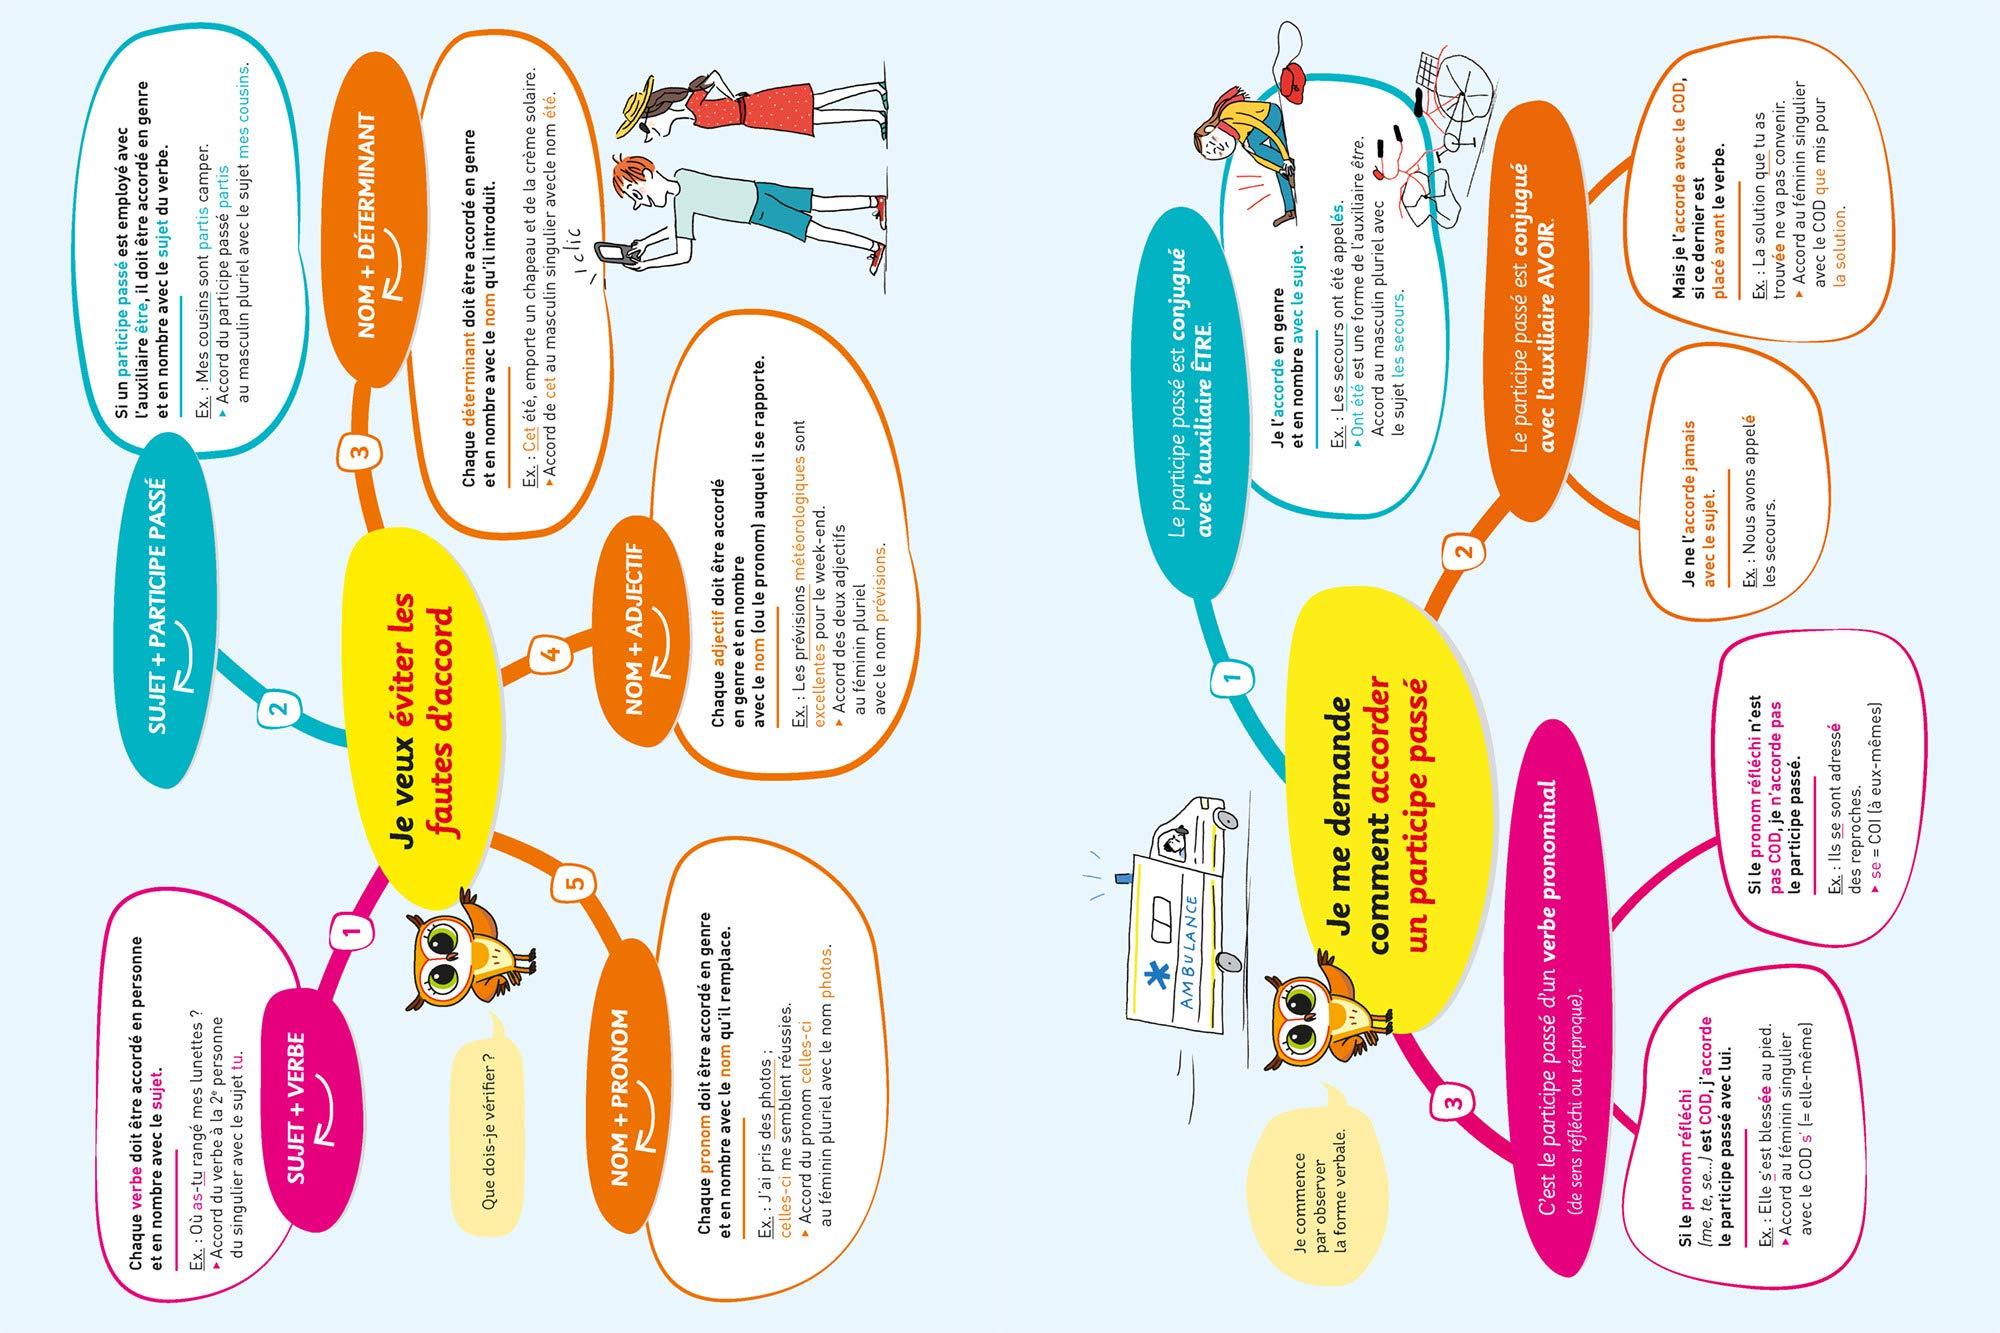 Chouette Entrainement - 16 - Dictées 4e - Cahier dEntrainement en Orthographe: Amazon.es: Formond Christine: Libros en idiomas extranjeros